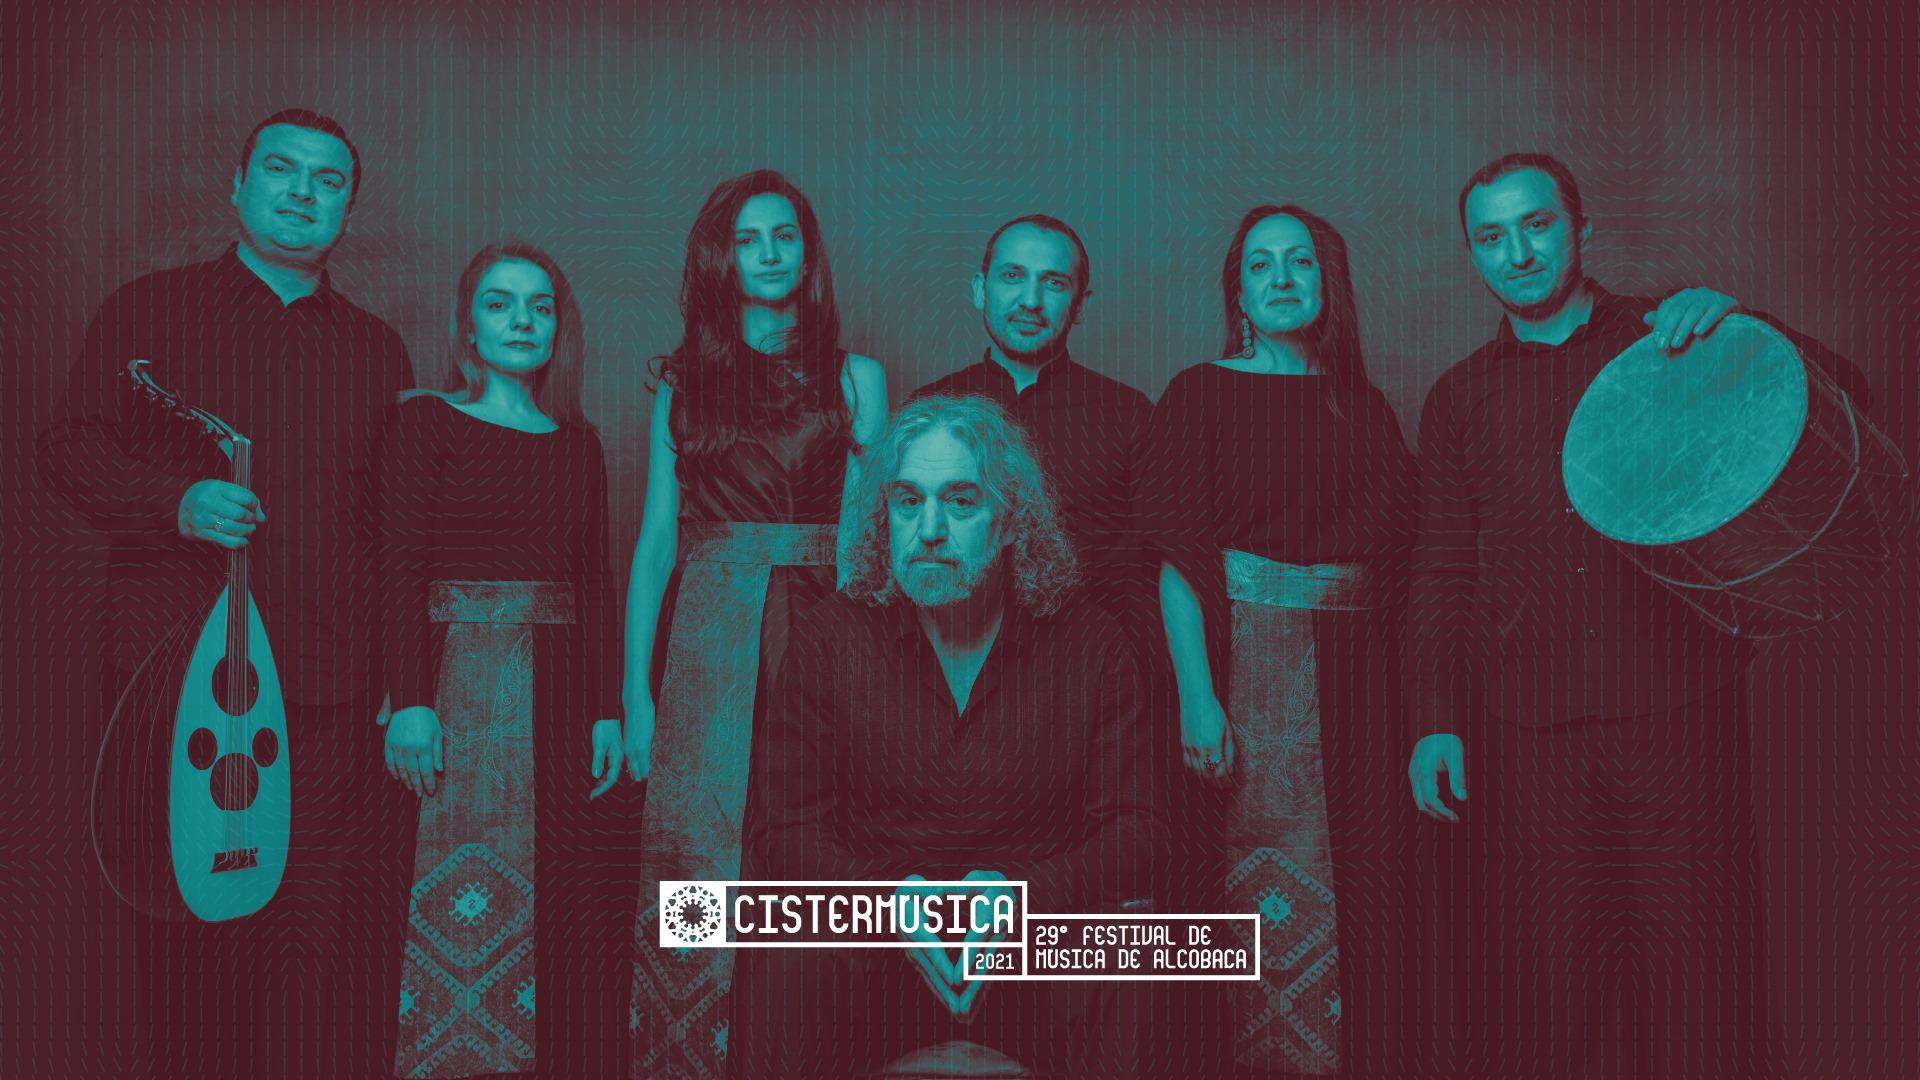 The Naghash Ensemble of Armenia • Canções do Exílio • Cistermúsica 2021